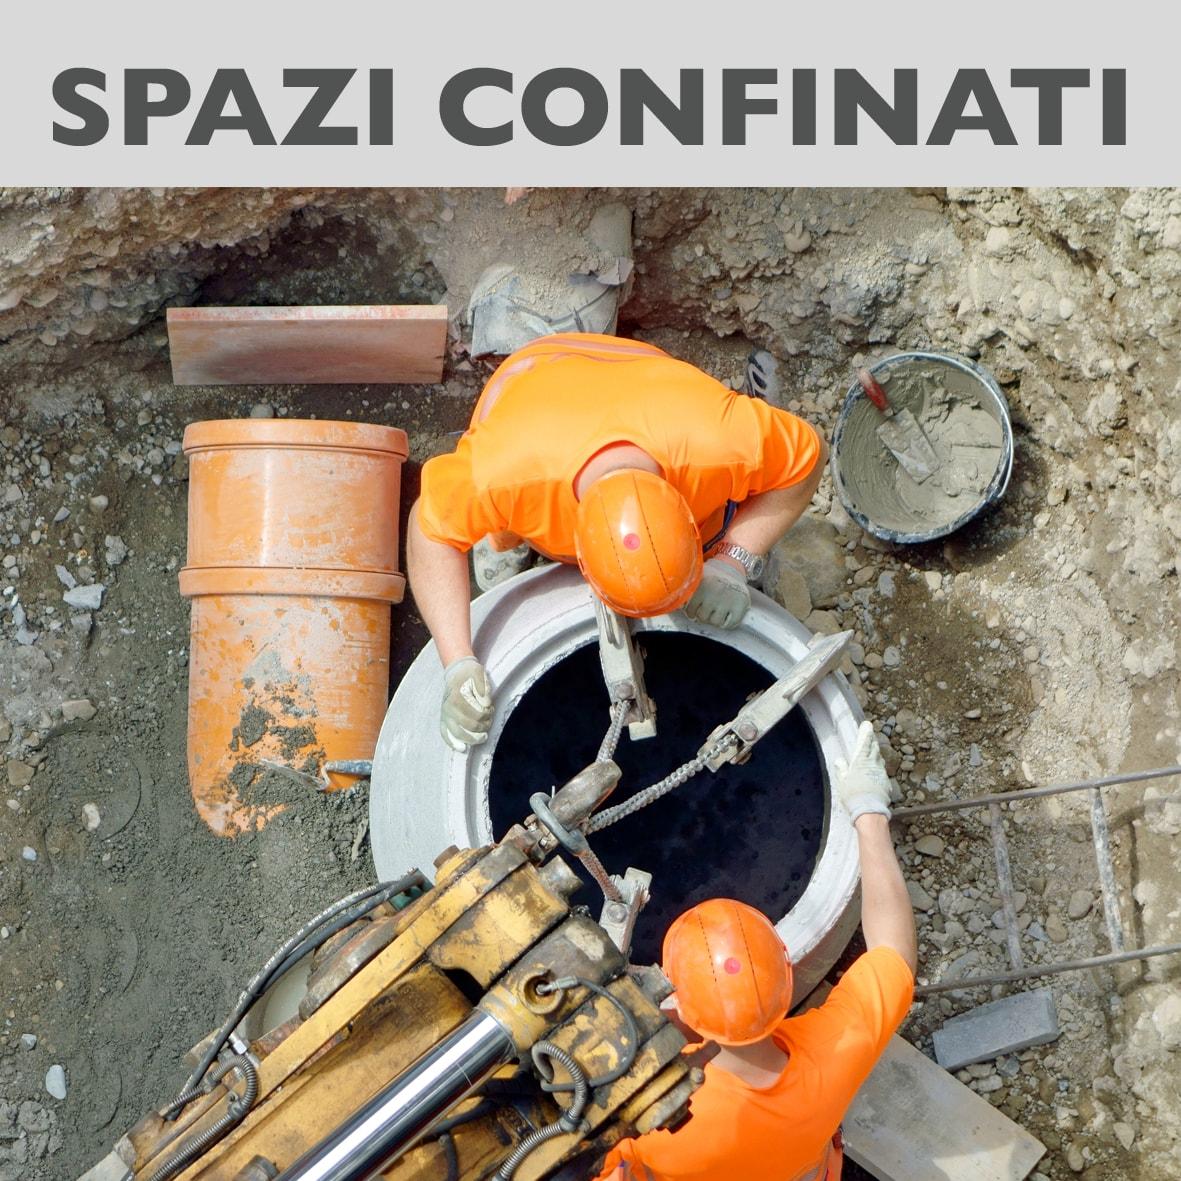 Spazi confinati Brescia